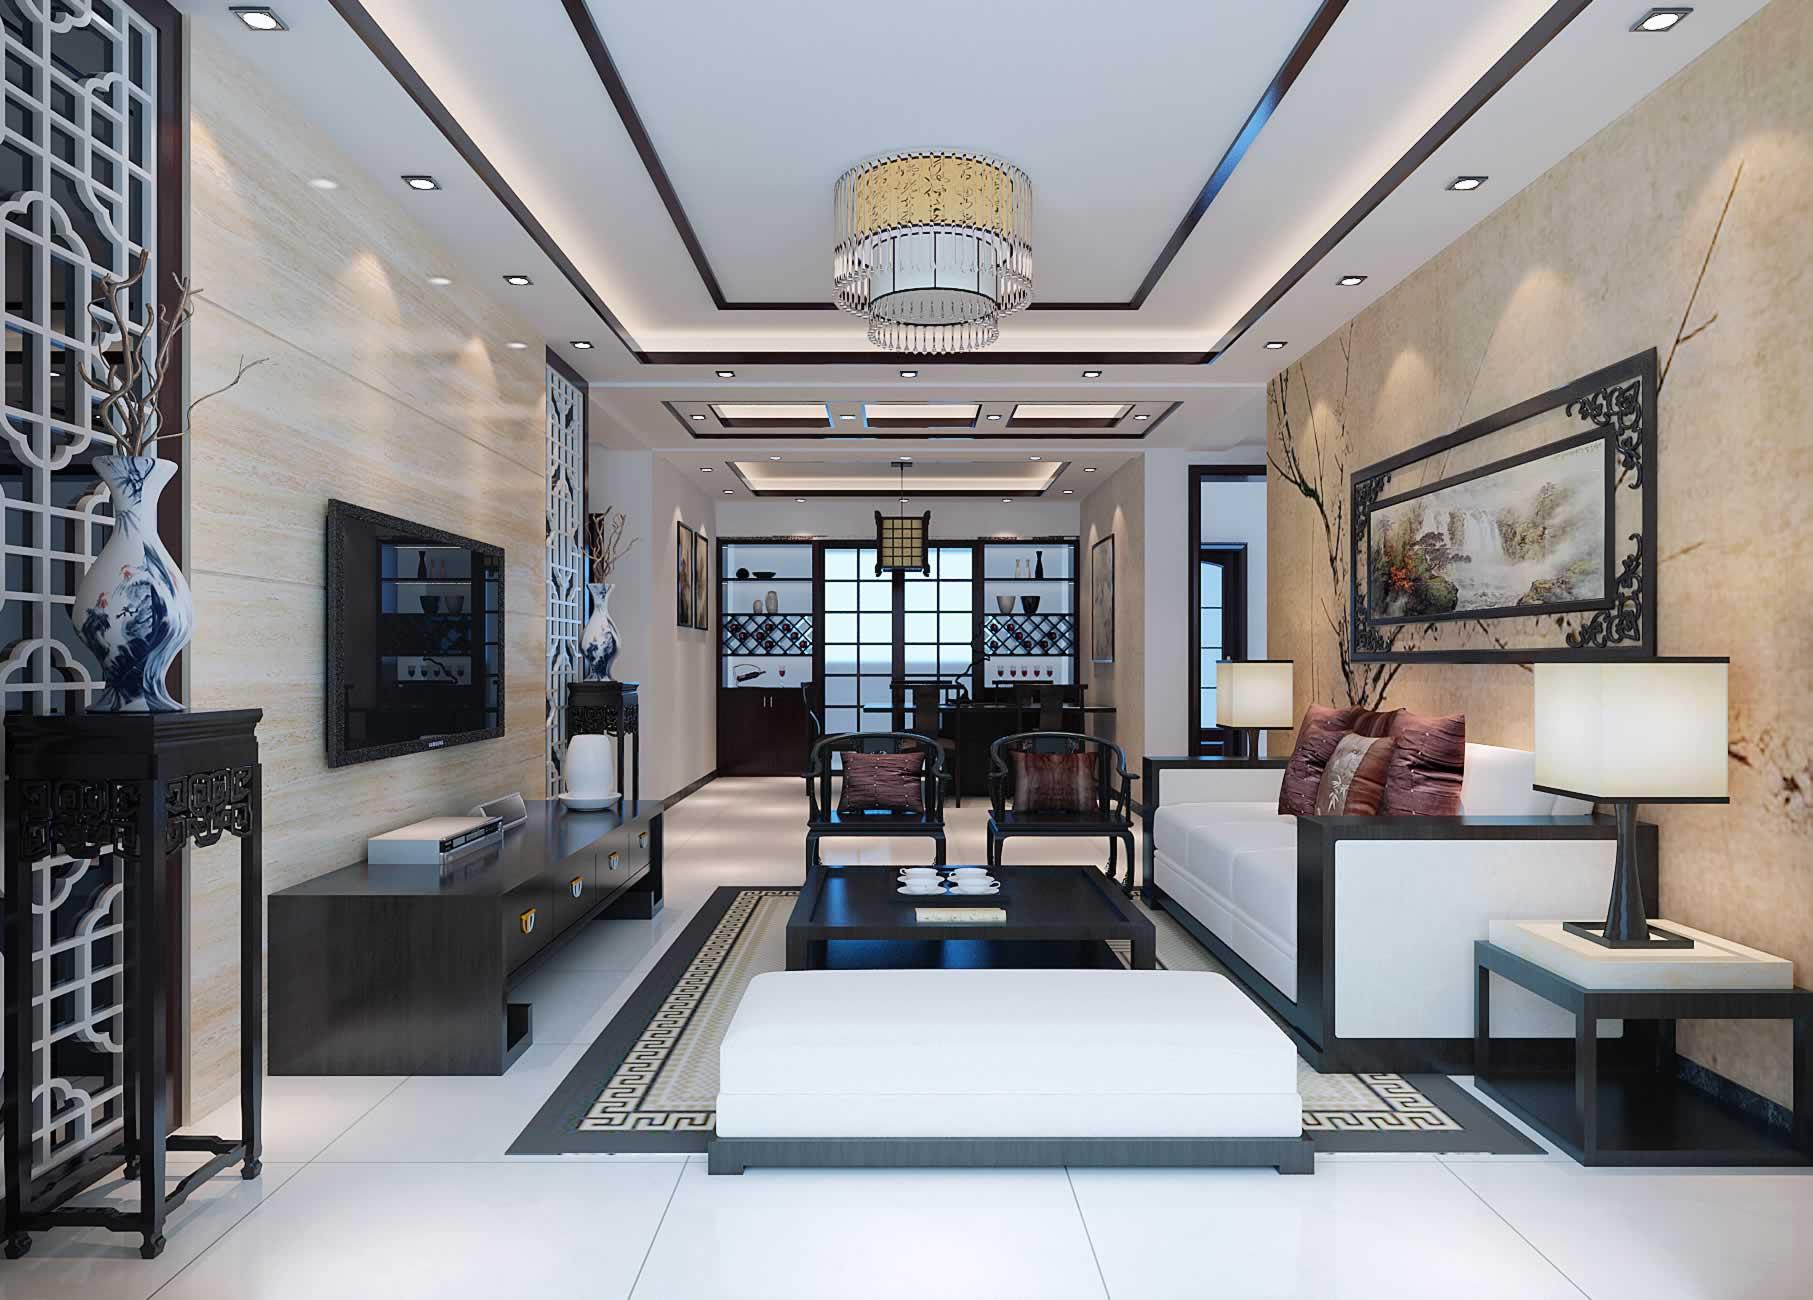 82平米现代中式客厅吊顶效果图图片